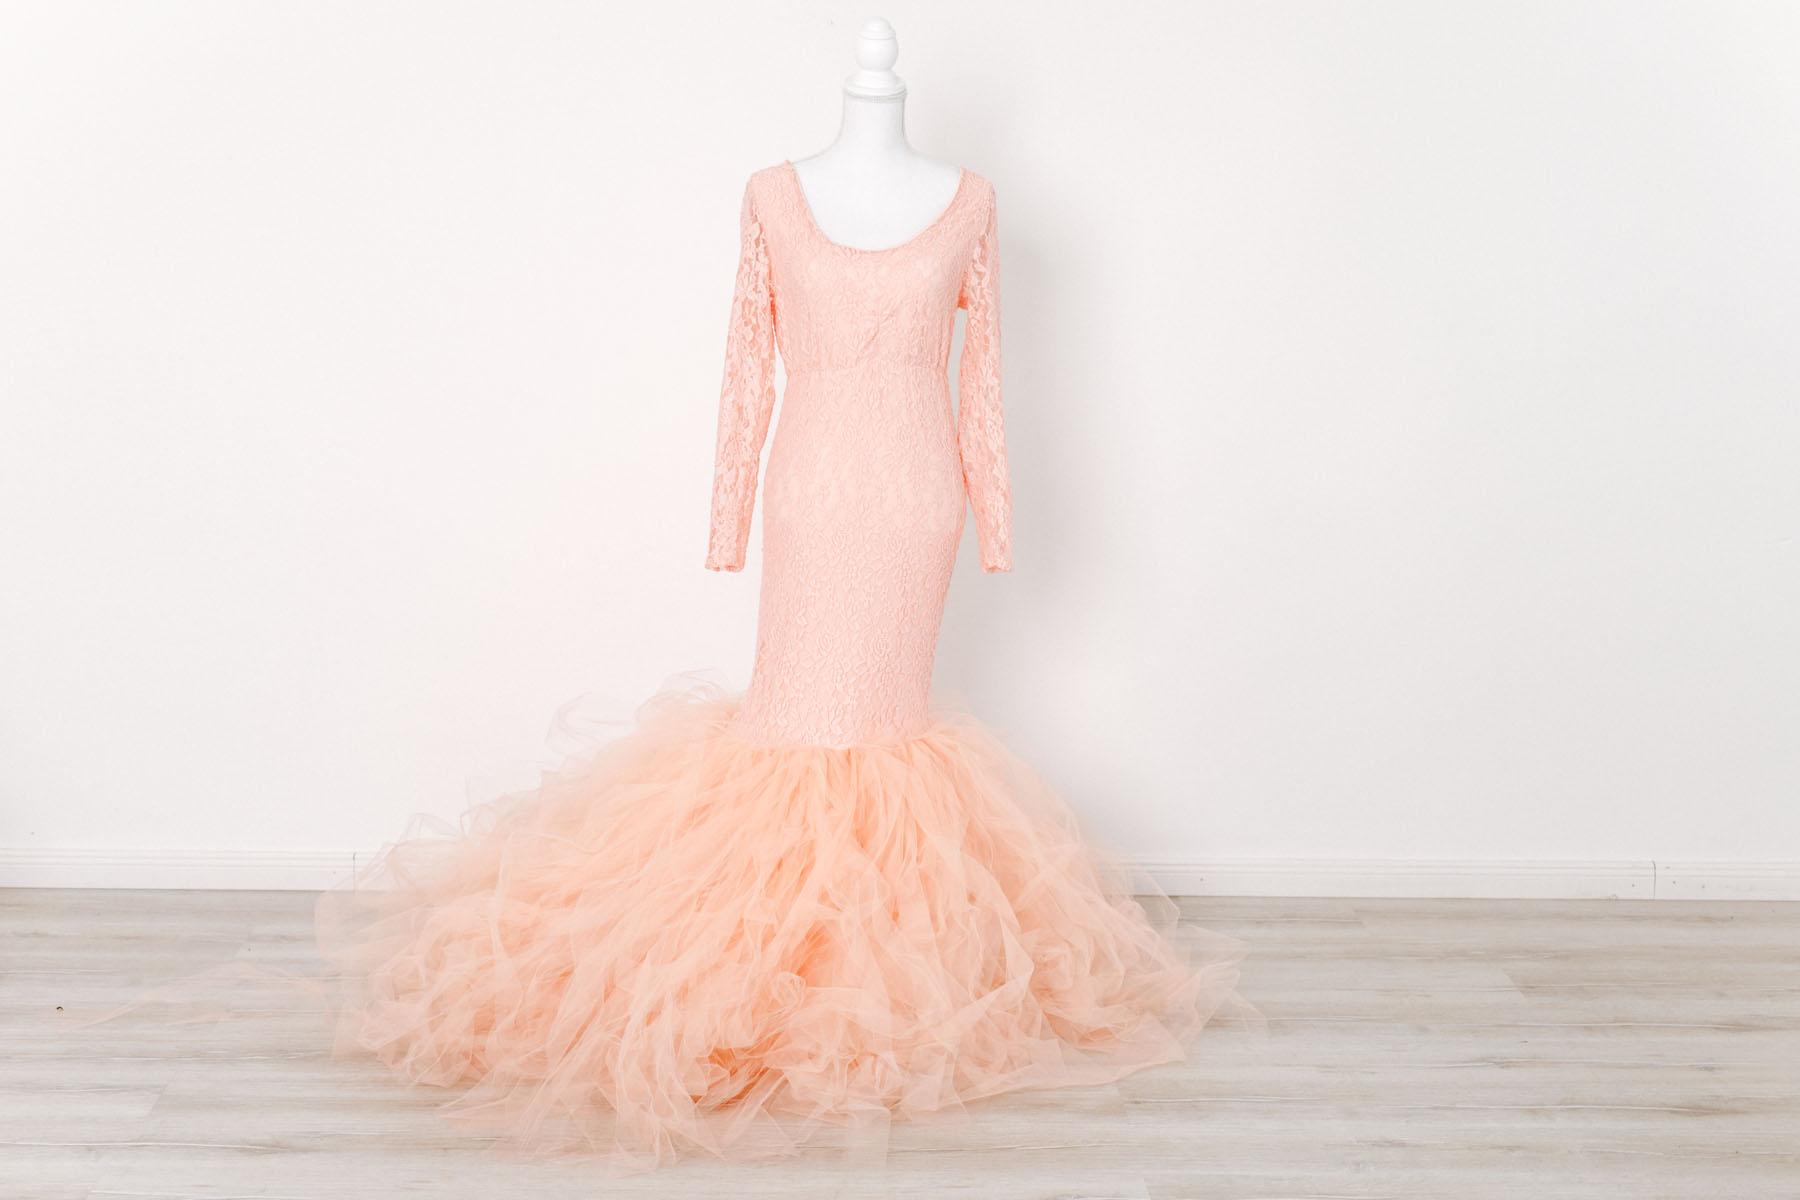 Schwangerschaftskleid für Babybauch Fotoshooting - rose,apricot -